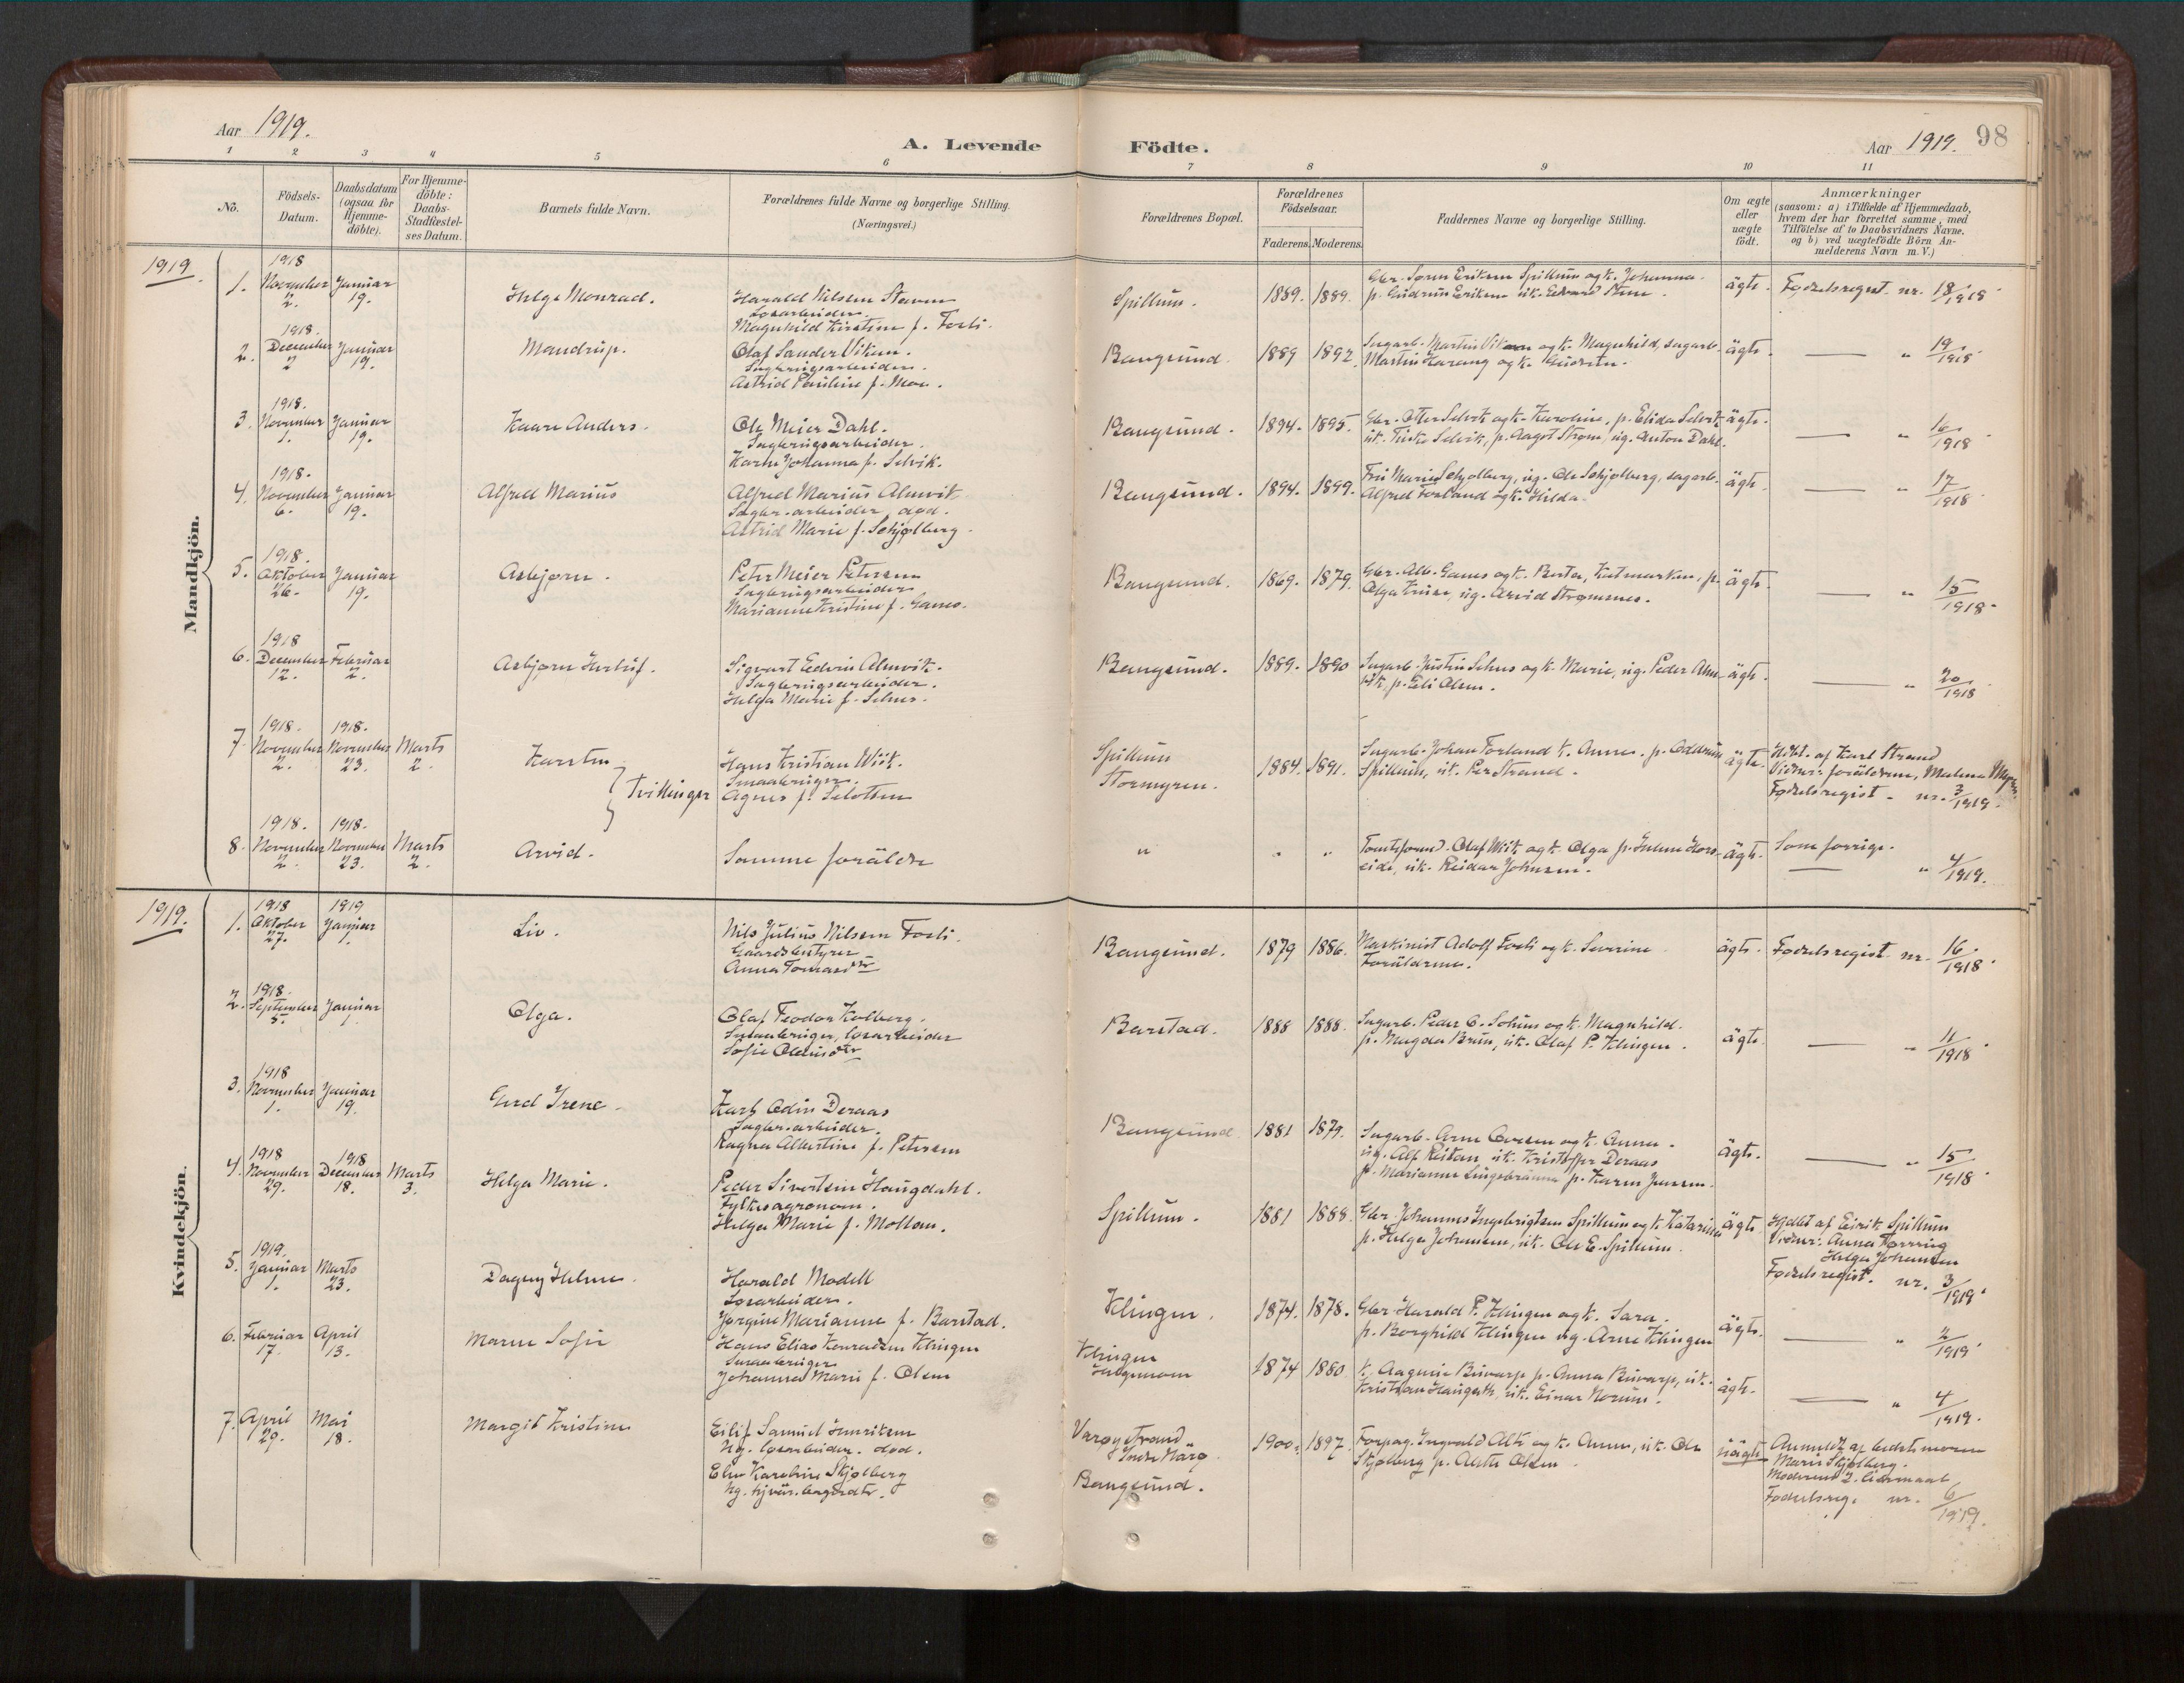 SAT, Ministerialprotokoller, klokkerbøker og fødselsregistre - Nord-Trøndelag, 770/L0589: Ministerialbok nr. 770A03, 1887-1929, s. 98